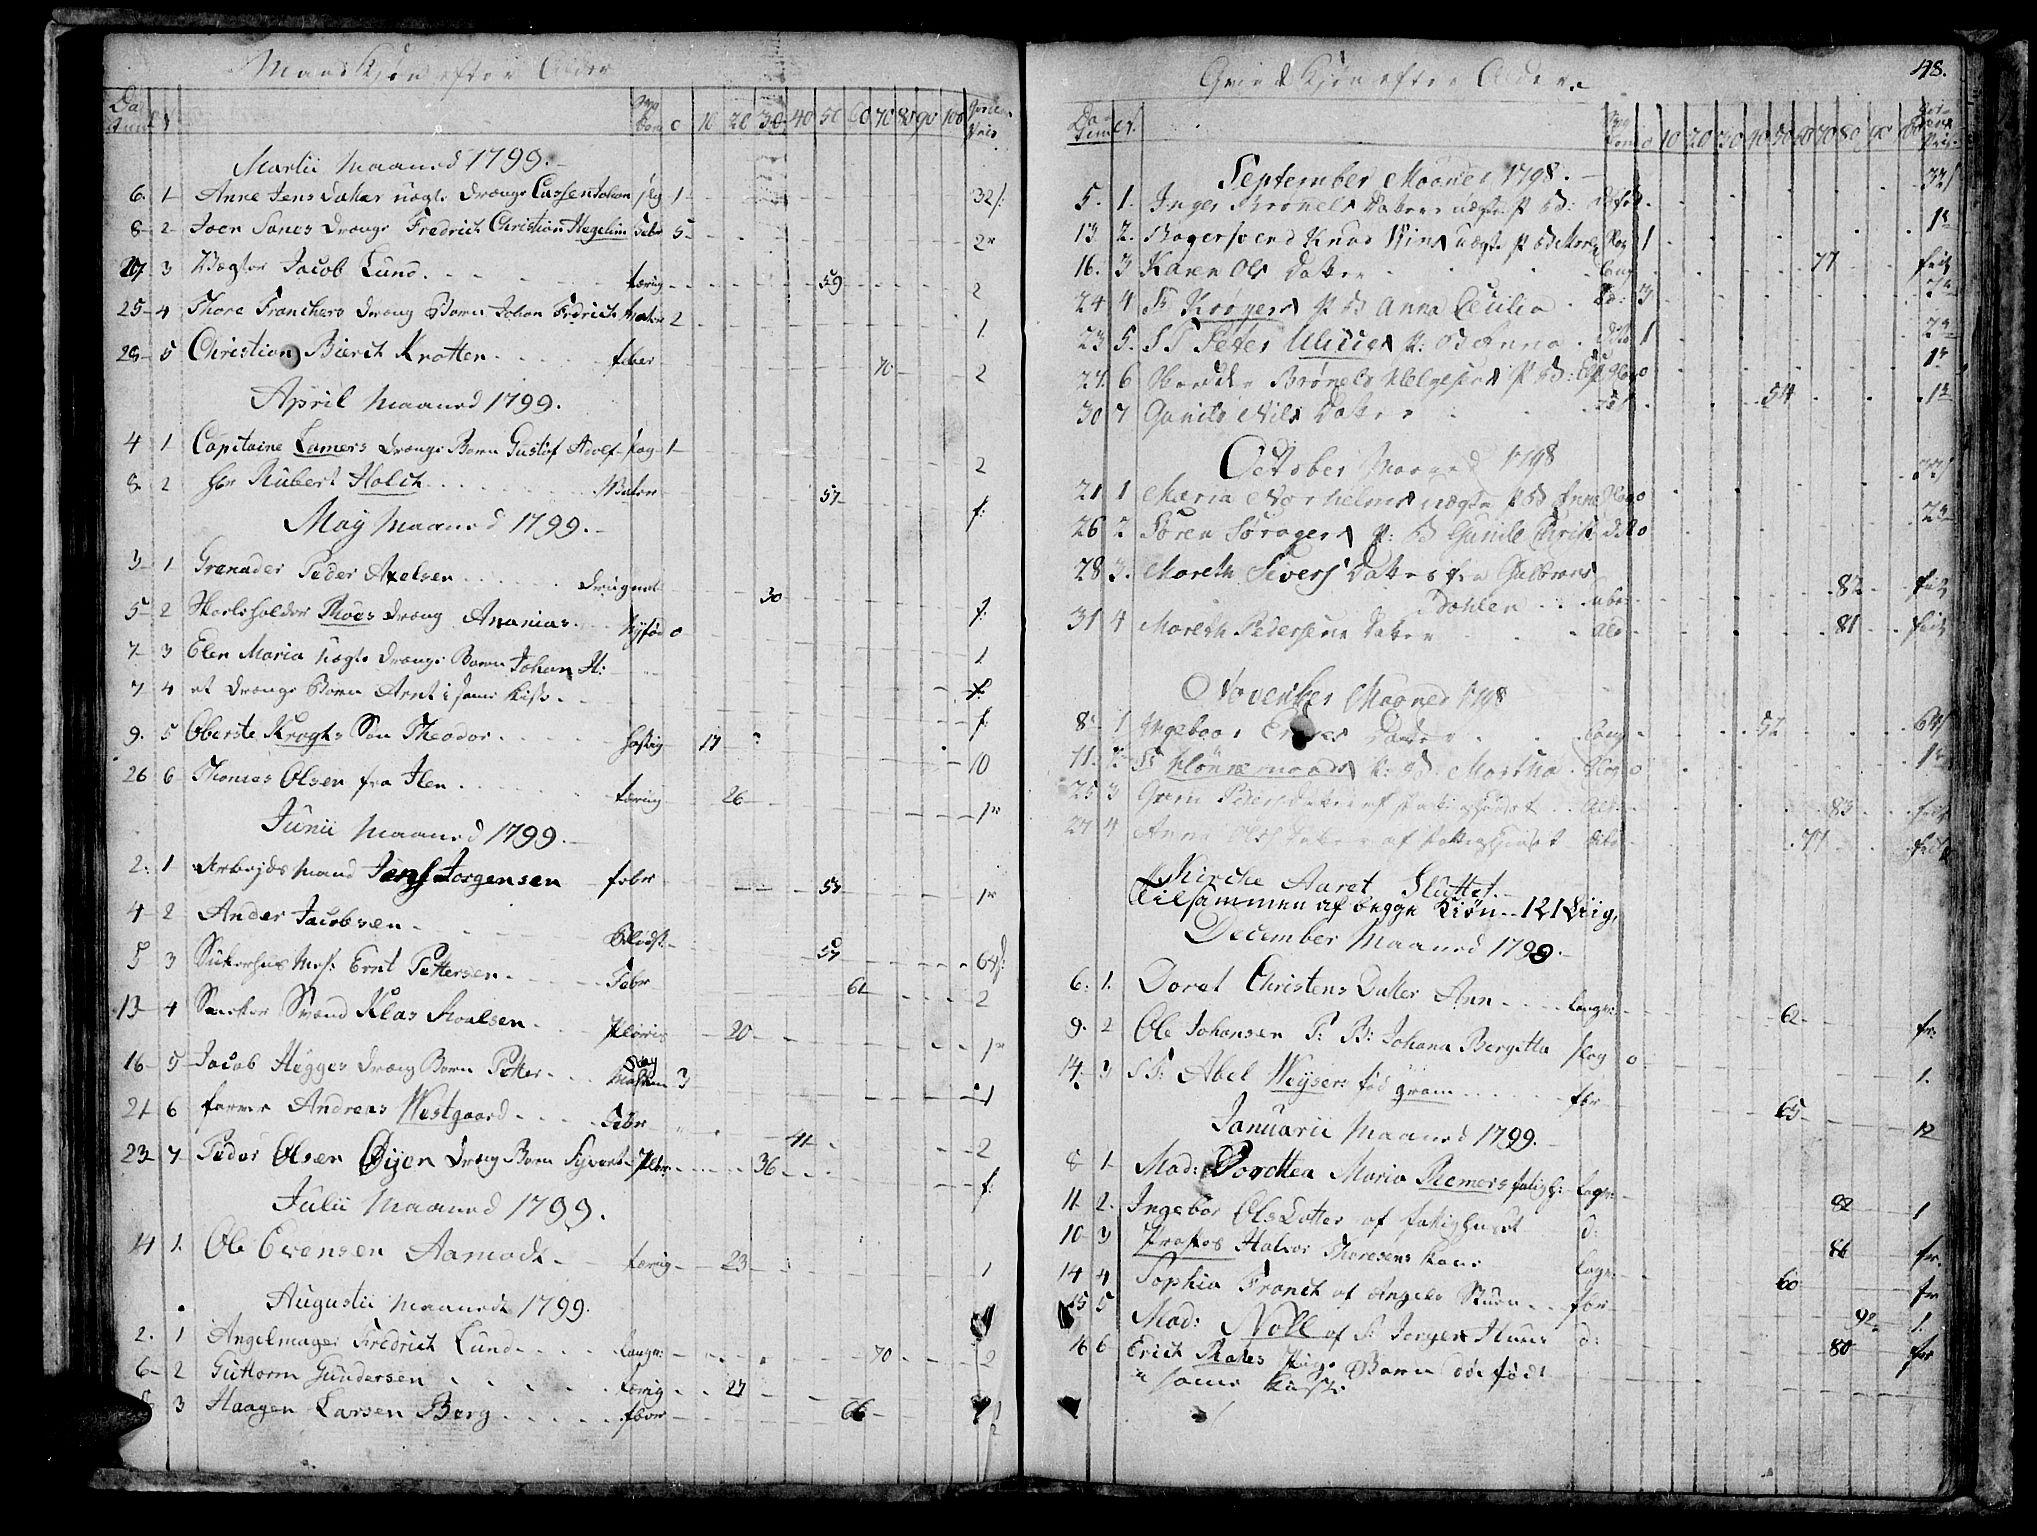 SAT, Ministerialprotokoller, klokkerbøker og fødselsregistre - Sør-Trøndelag, 601/L0040: Ministerialbok nr. 601A08, 1783-1818, s. 48